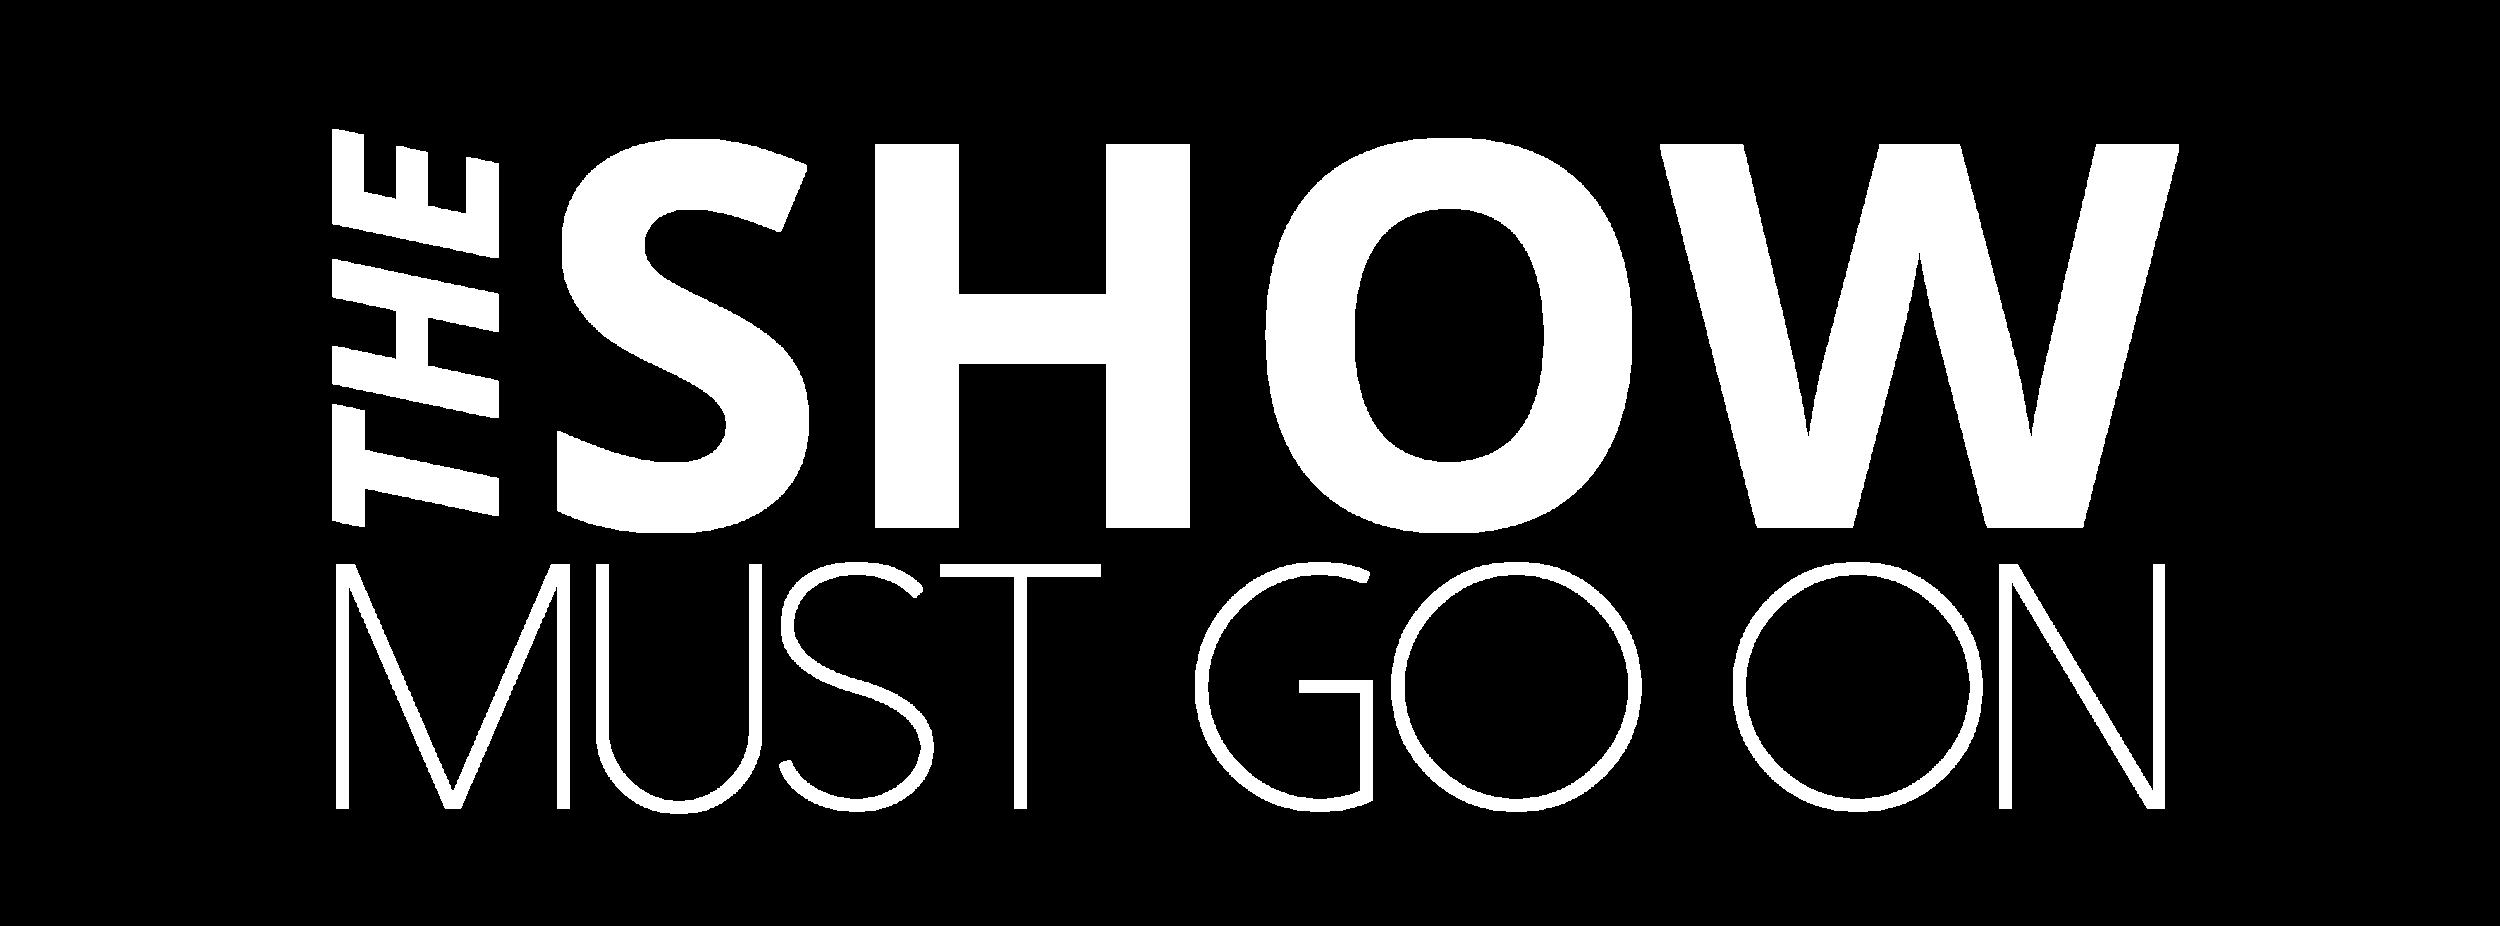 TSMGO_Logo_04.png